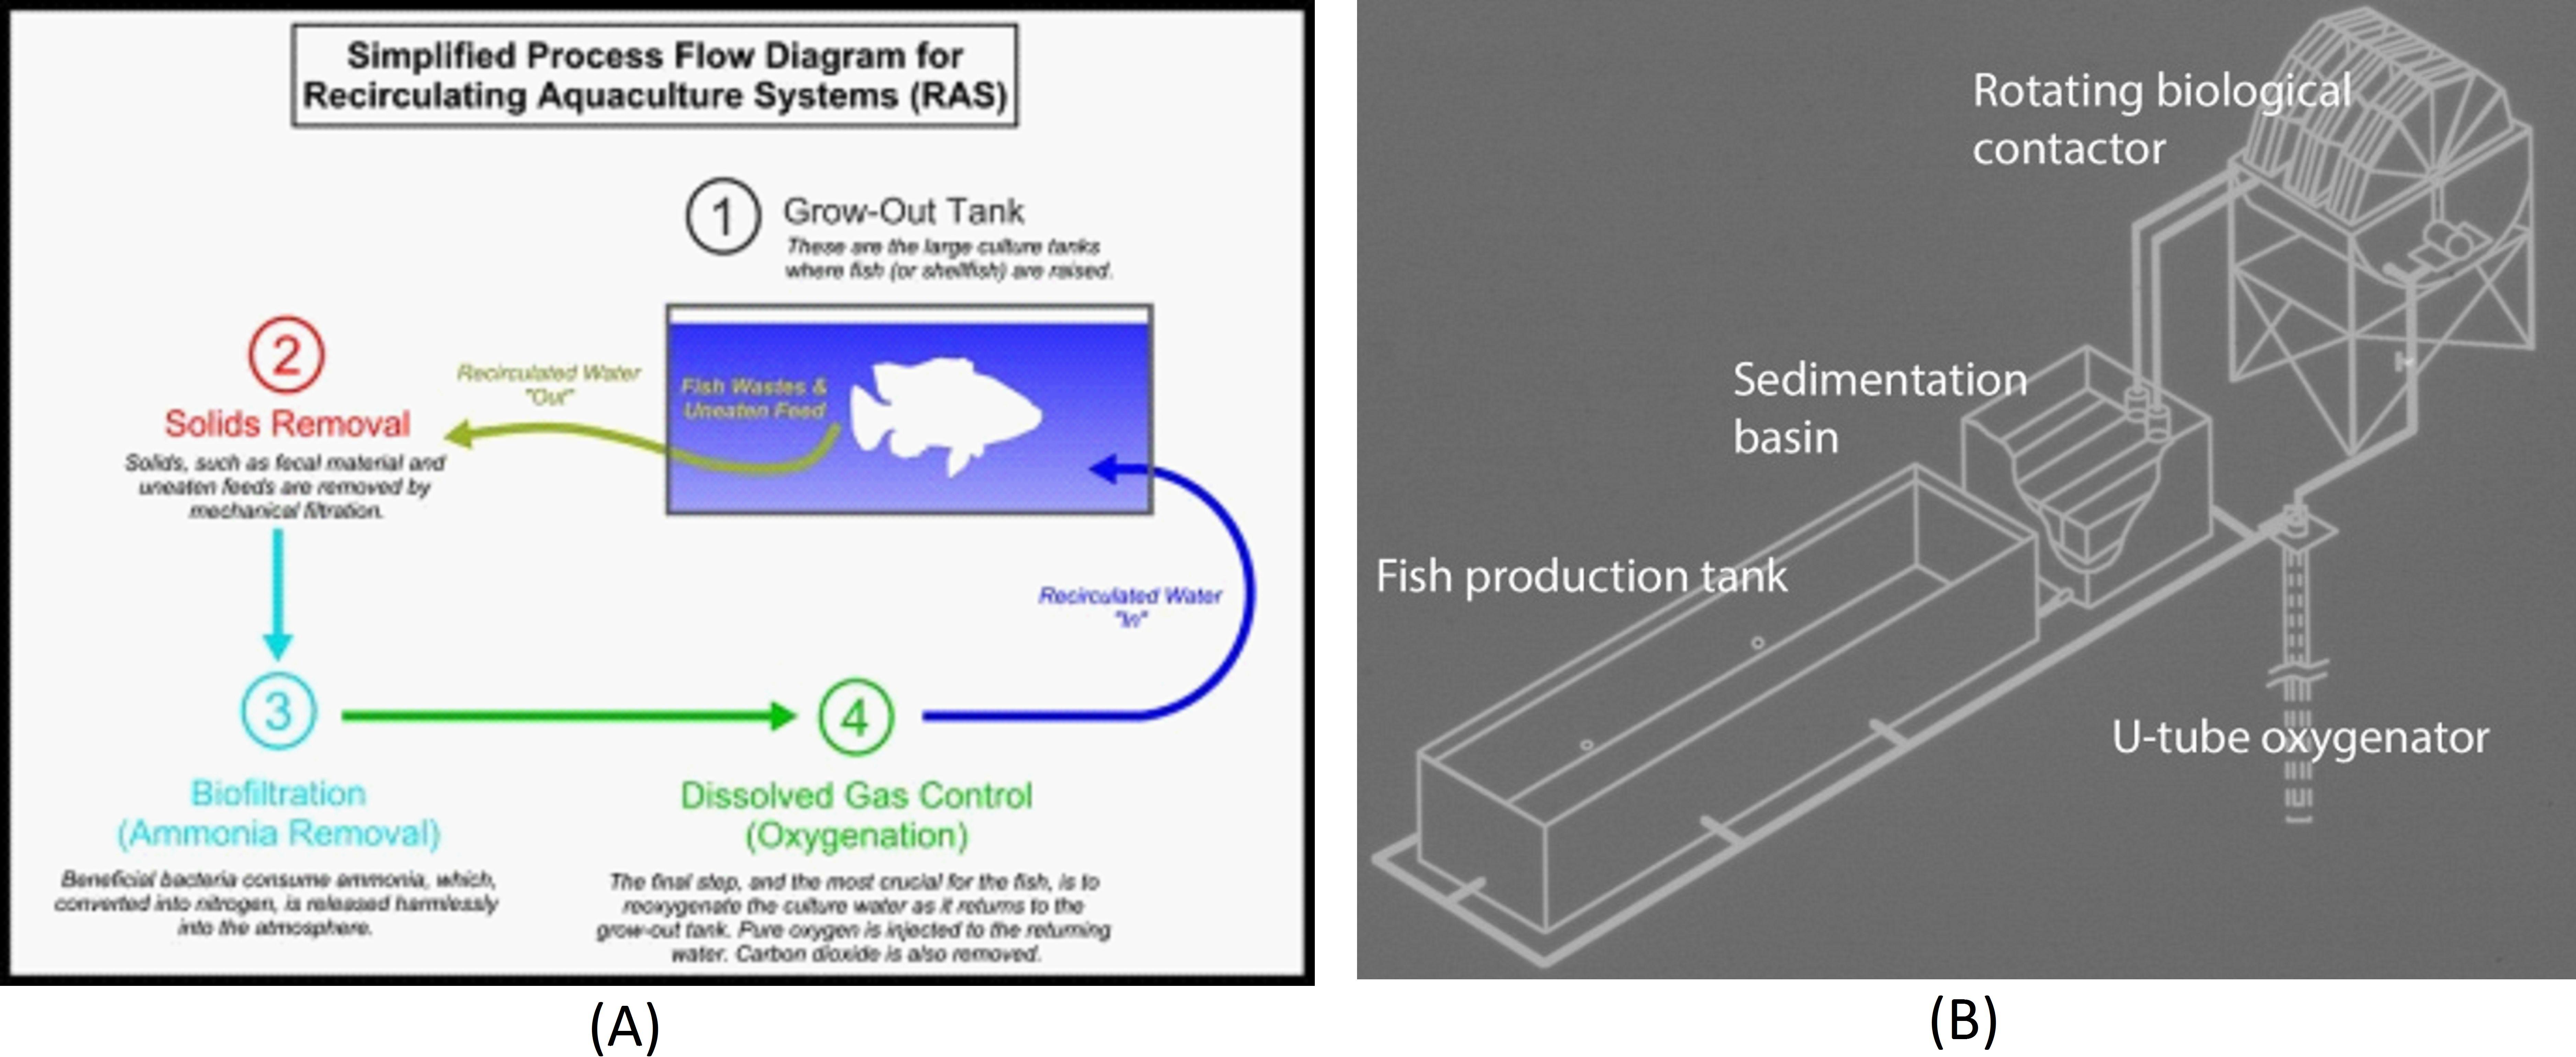 Biodegradation of Nitrogen in a Commercial Recirculating Aquaculture